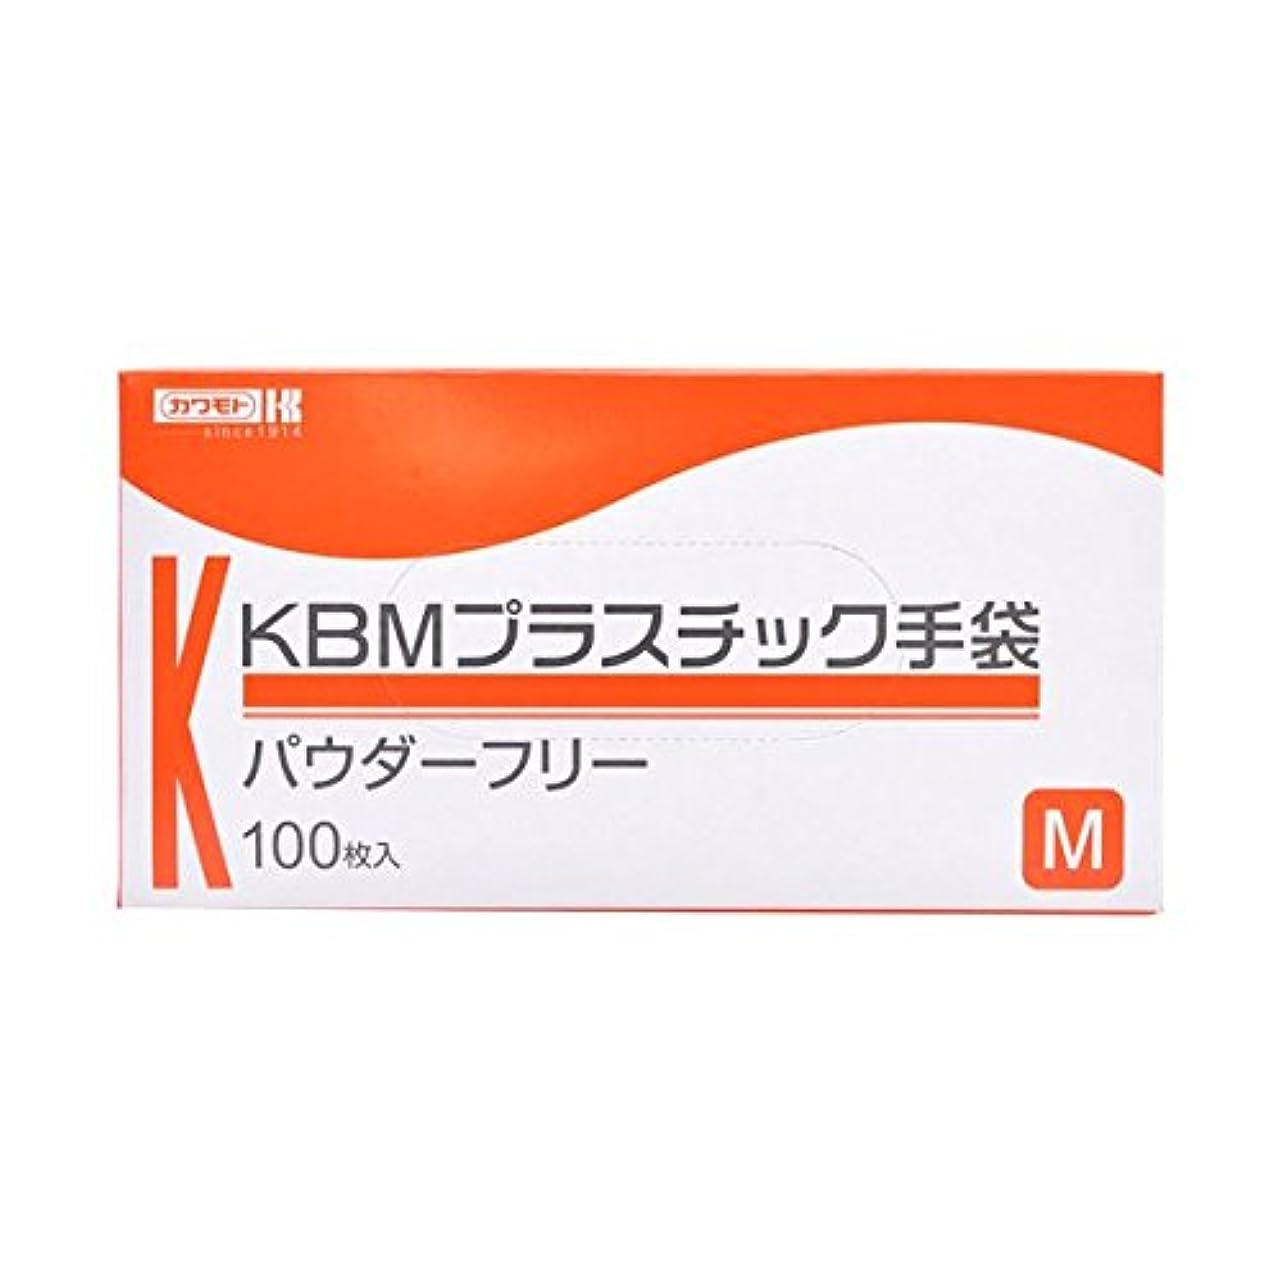 無駄だいいね顎川本産業 KBMプラスチック手袋 パウダーフリー M 100枚入 ×3個